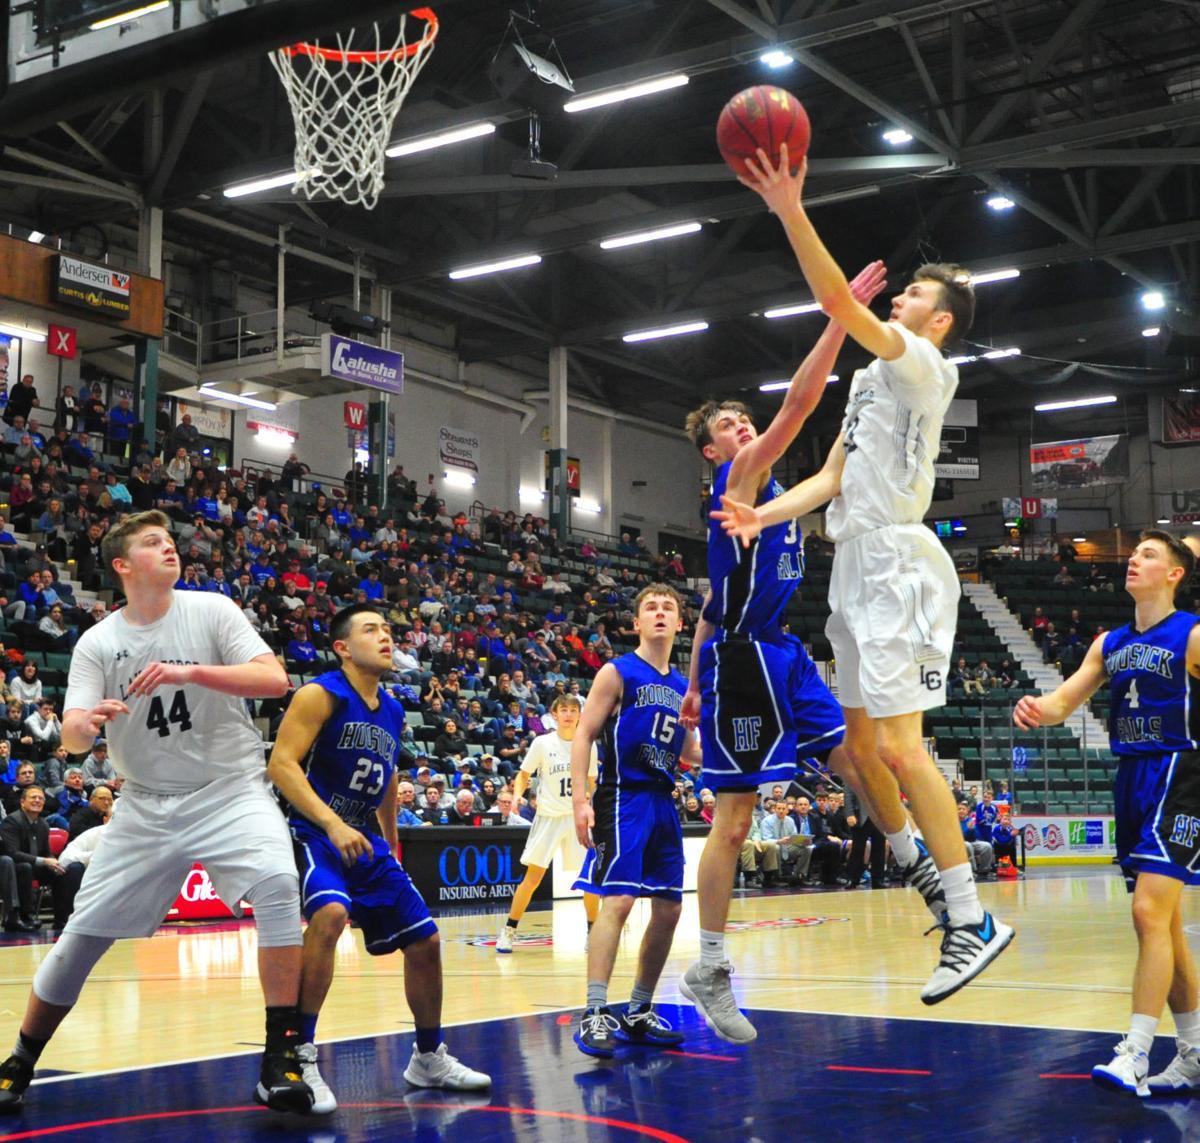 Lake George vs. Hoosick Falls boys basketball